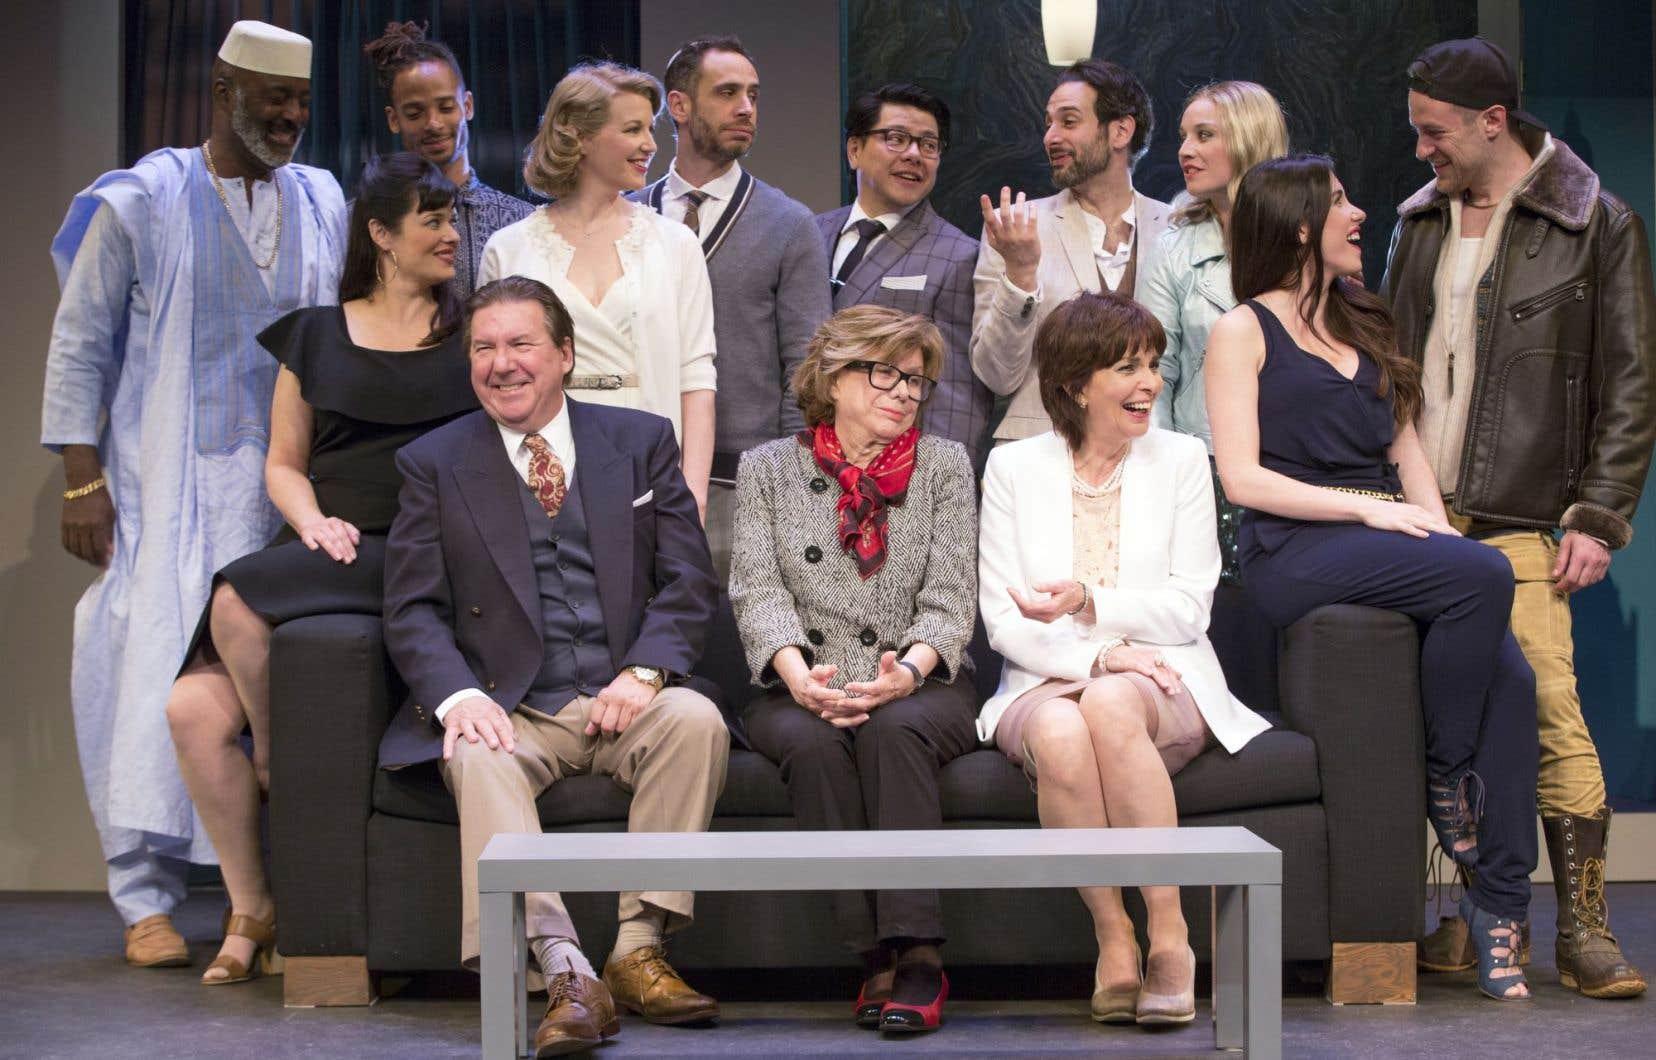 Autour de Rémy Girard et Micheline Bernard, la pièce rassemble une distribution multiethnique, dont plusieurs nouveaux visages au Théâtre du Rideau vert.